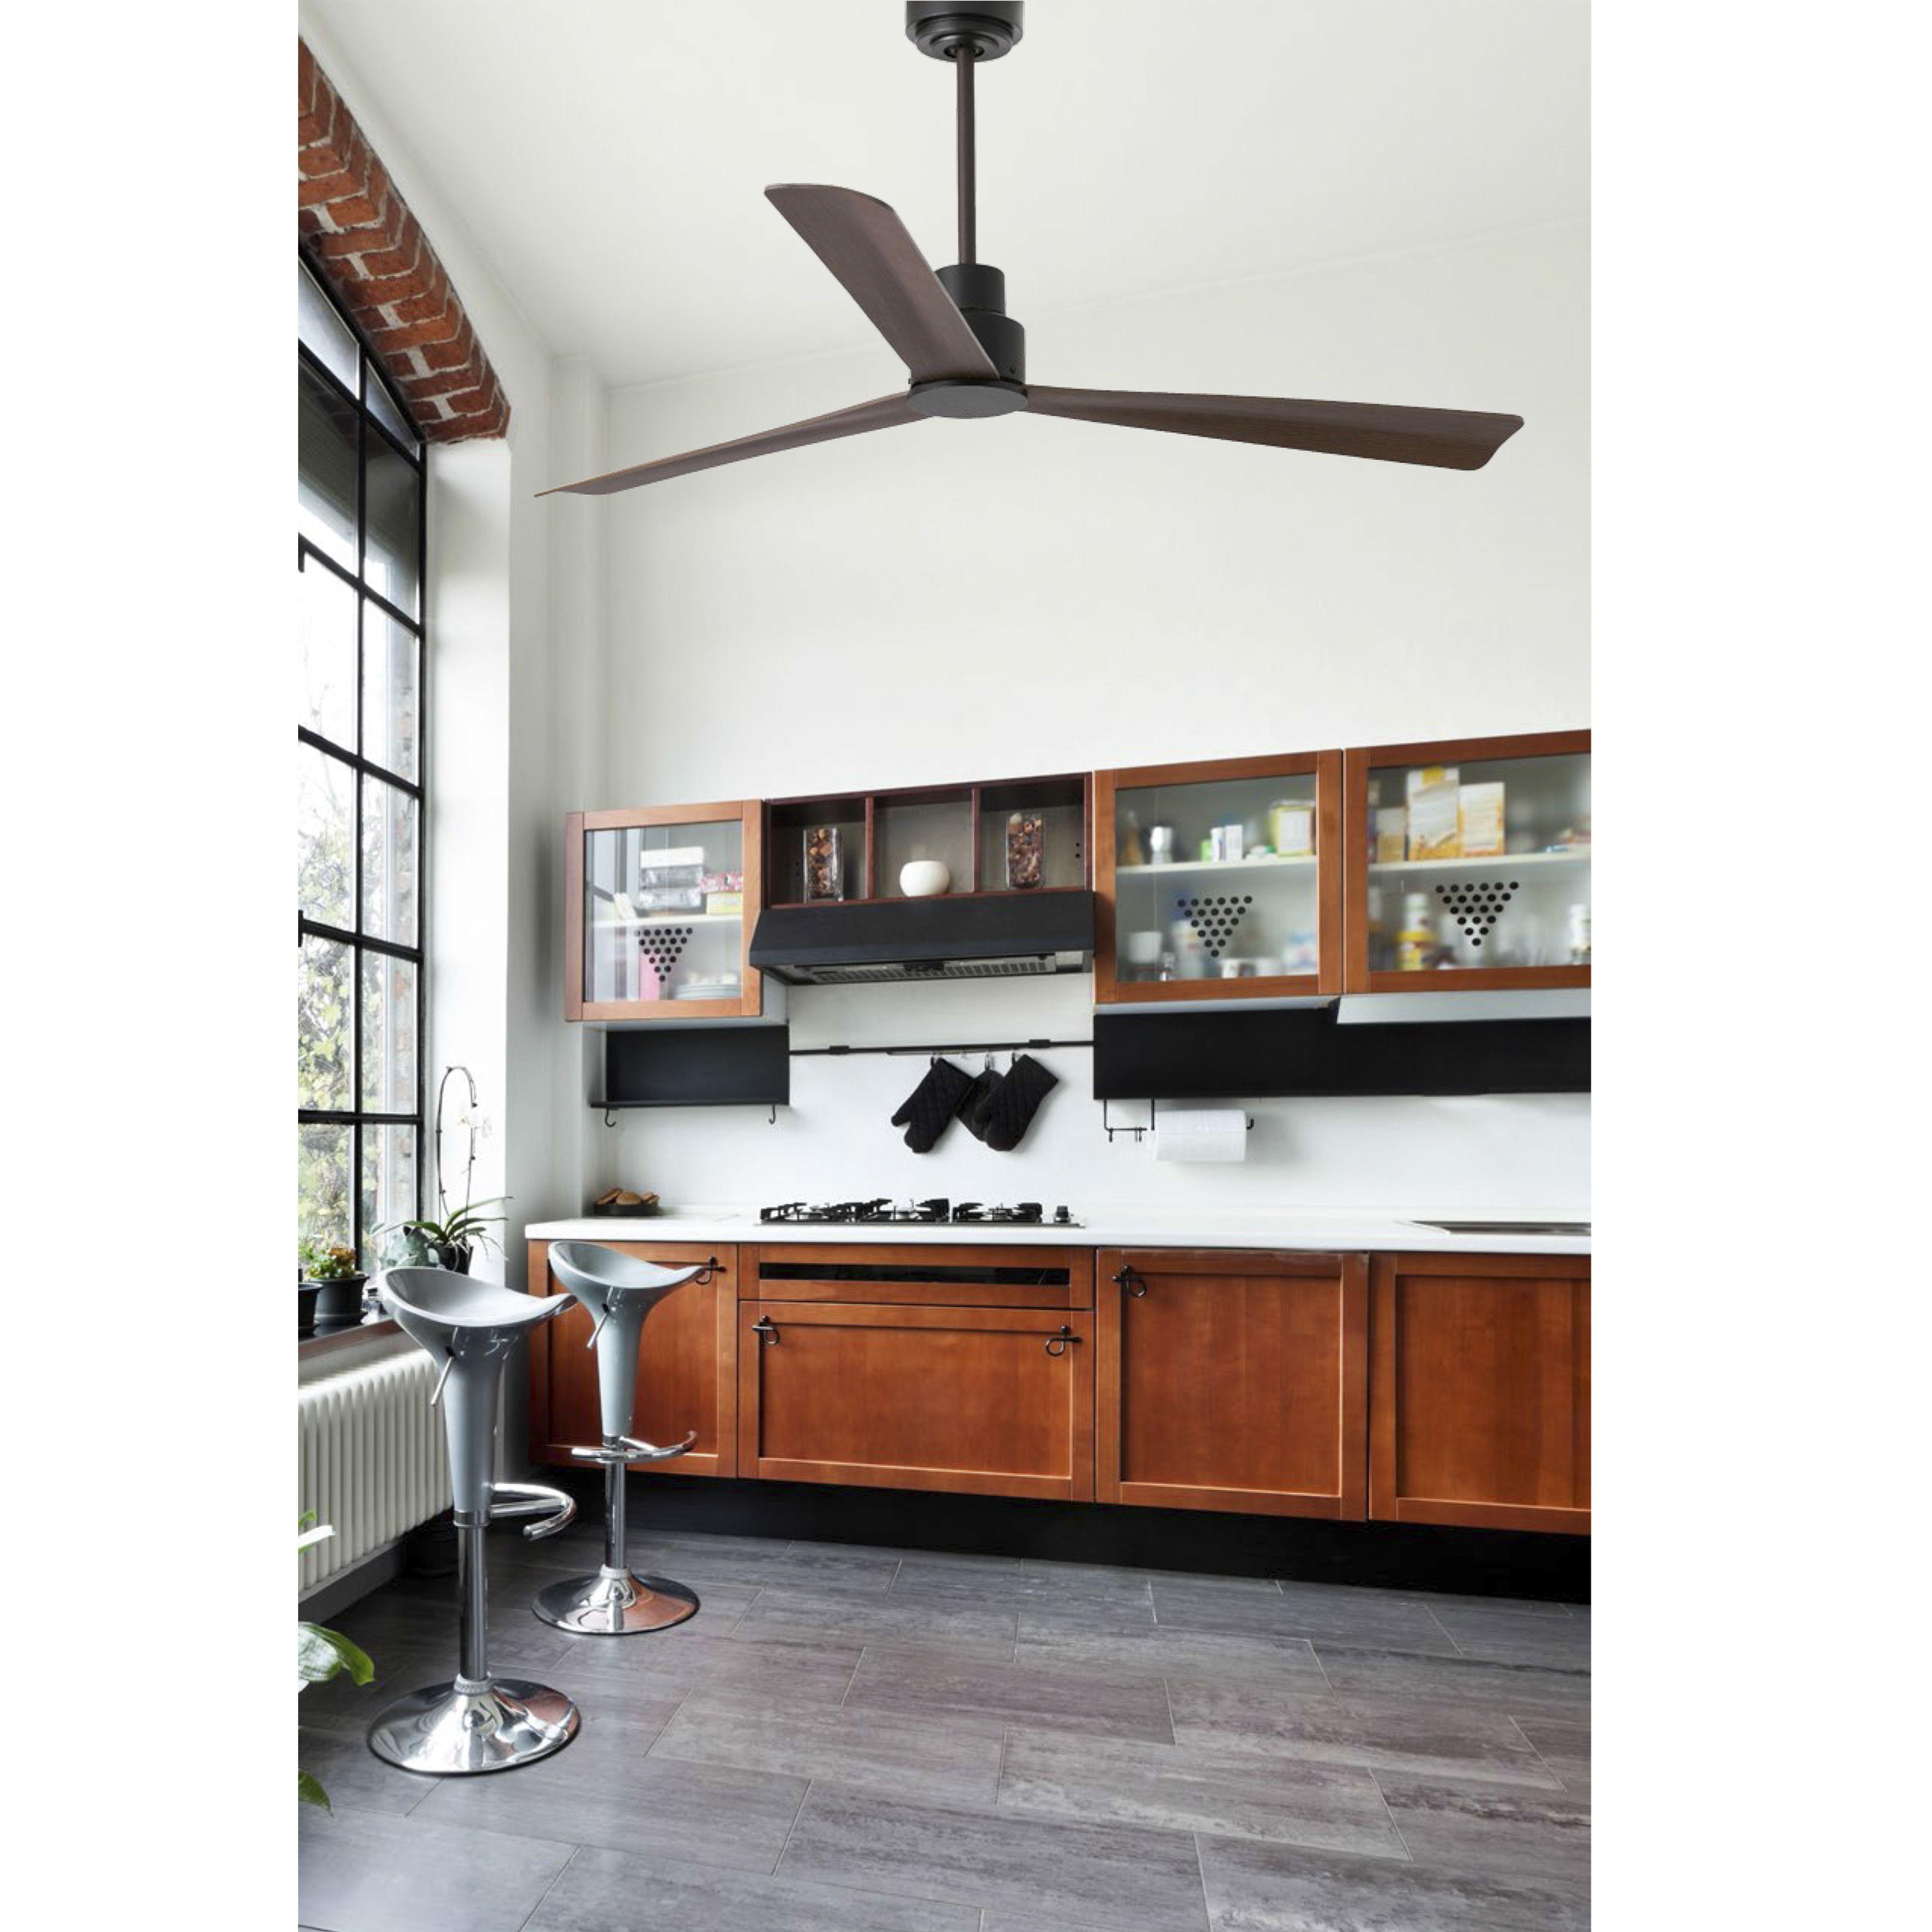 Faro ventilateur restitue la chaleur id es pour la - Ventilateur de cuisine ...